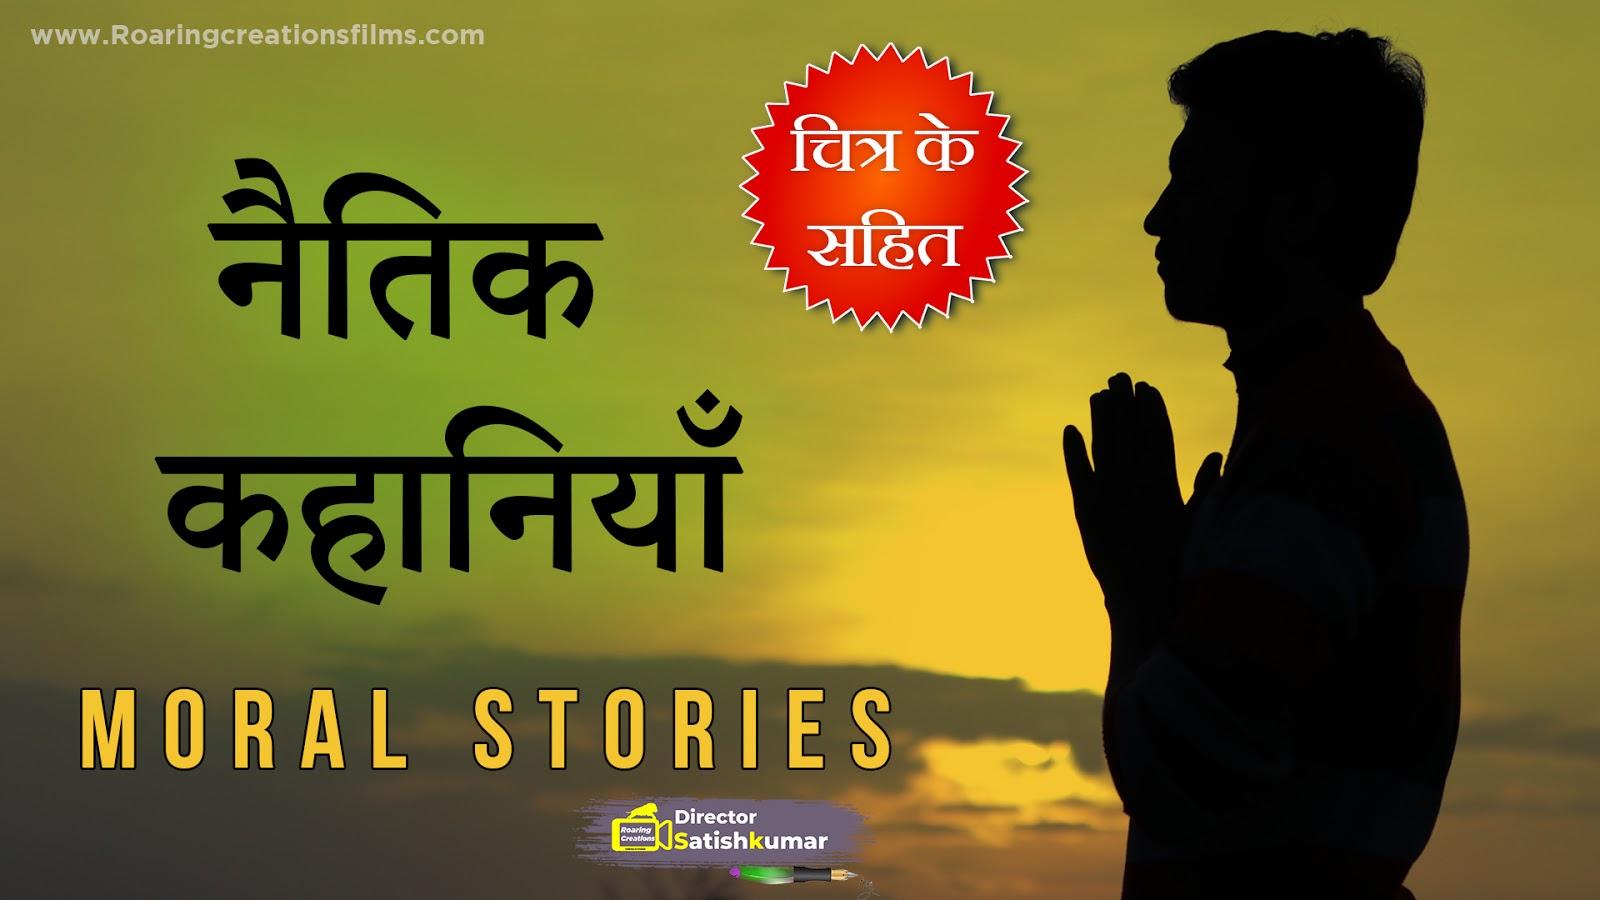 नैतिक कहानियाँ - Moral Stories in Hindi - Short Moral Stories in Hindi